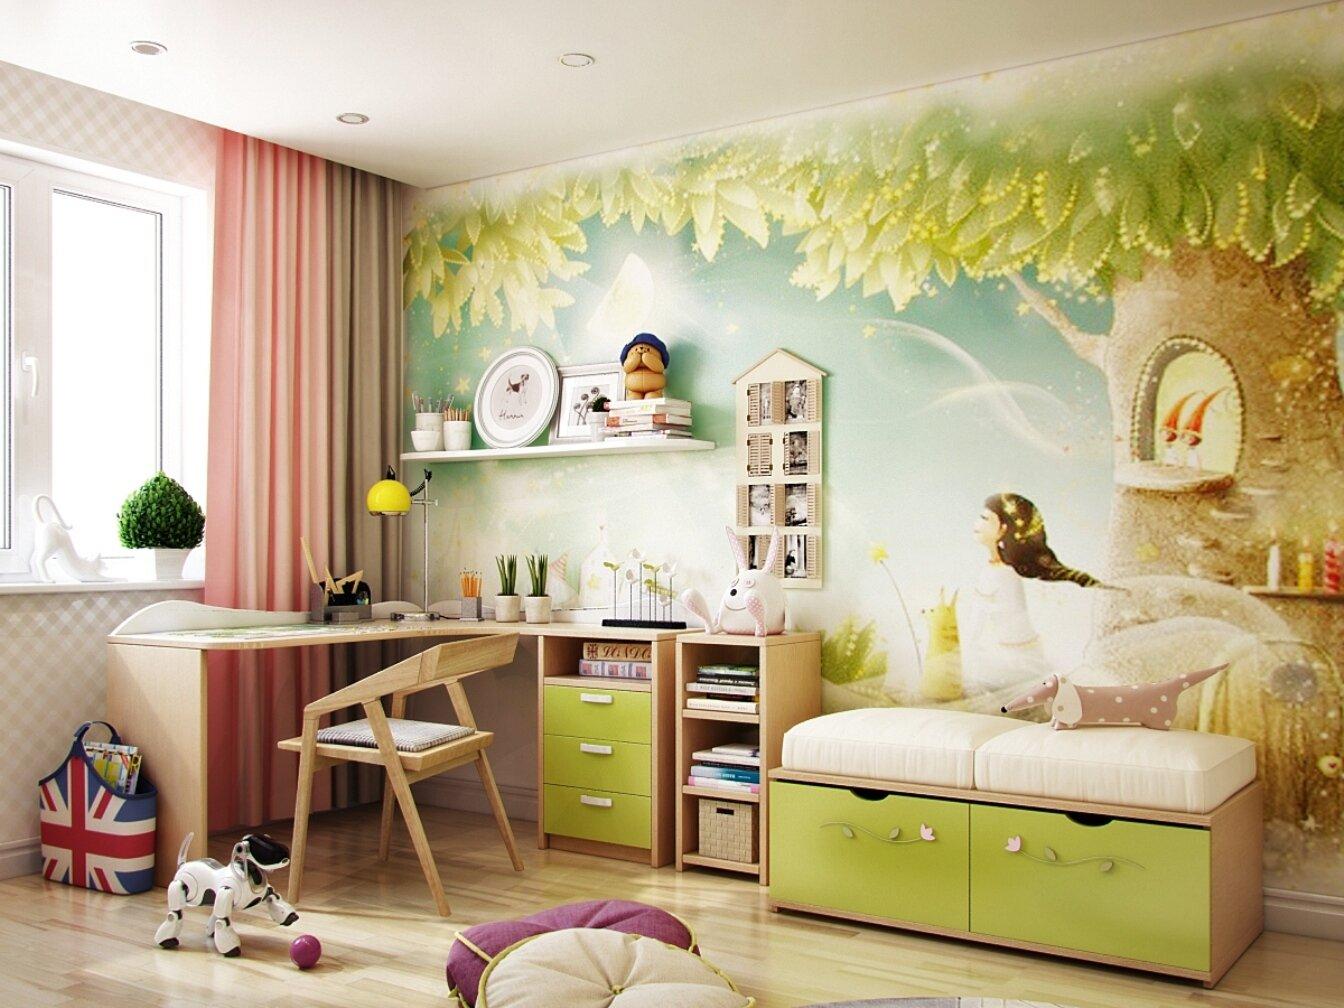 обои, фотообои, интерьер, детская комната